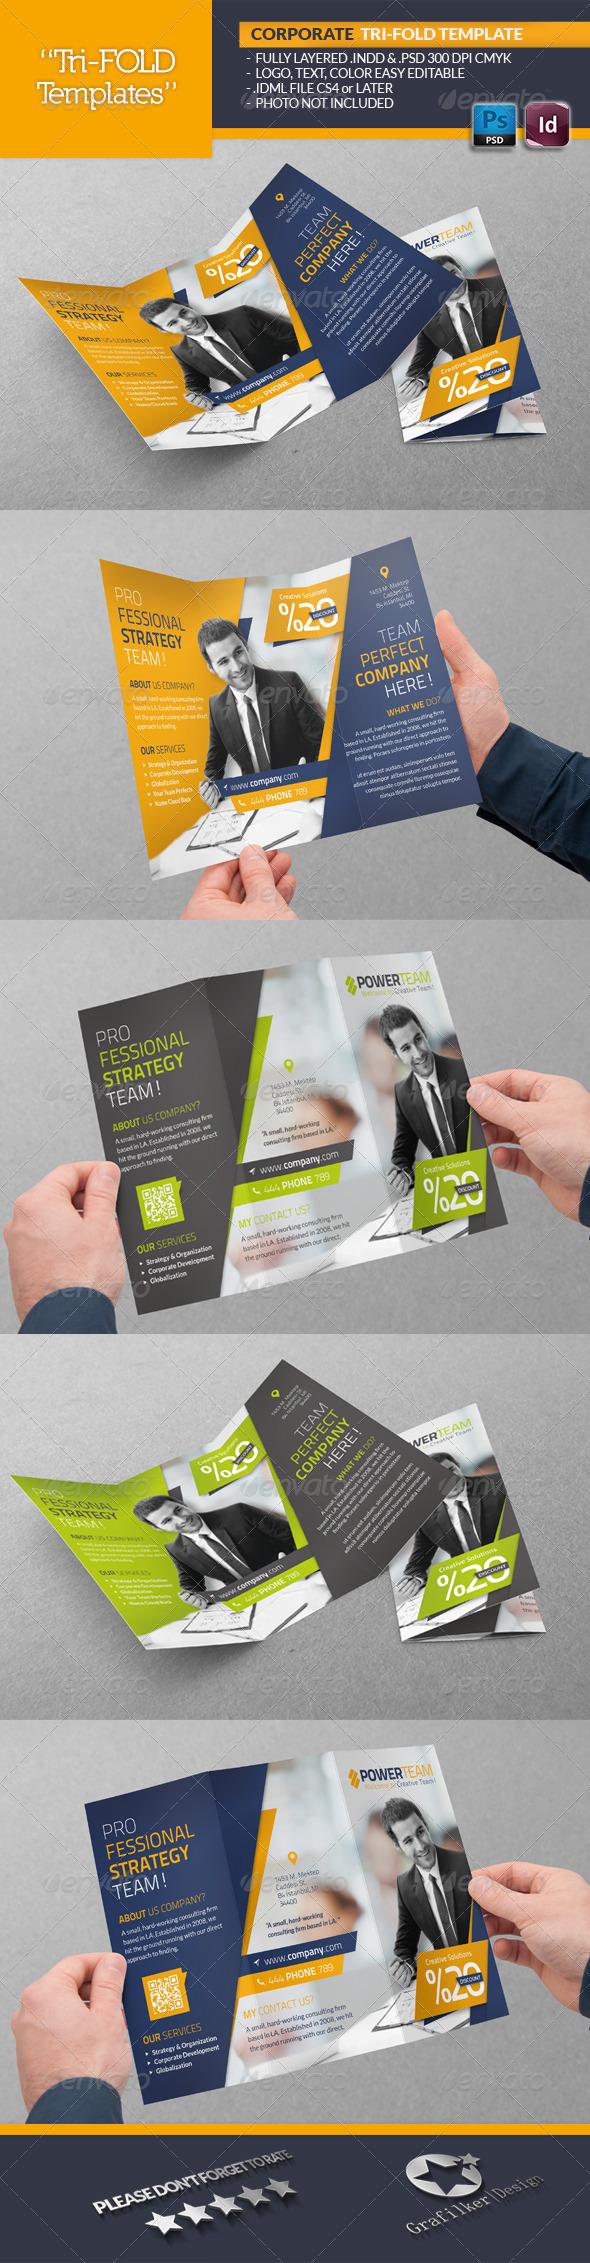 Corporate Tri-Fold Template